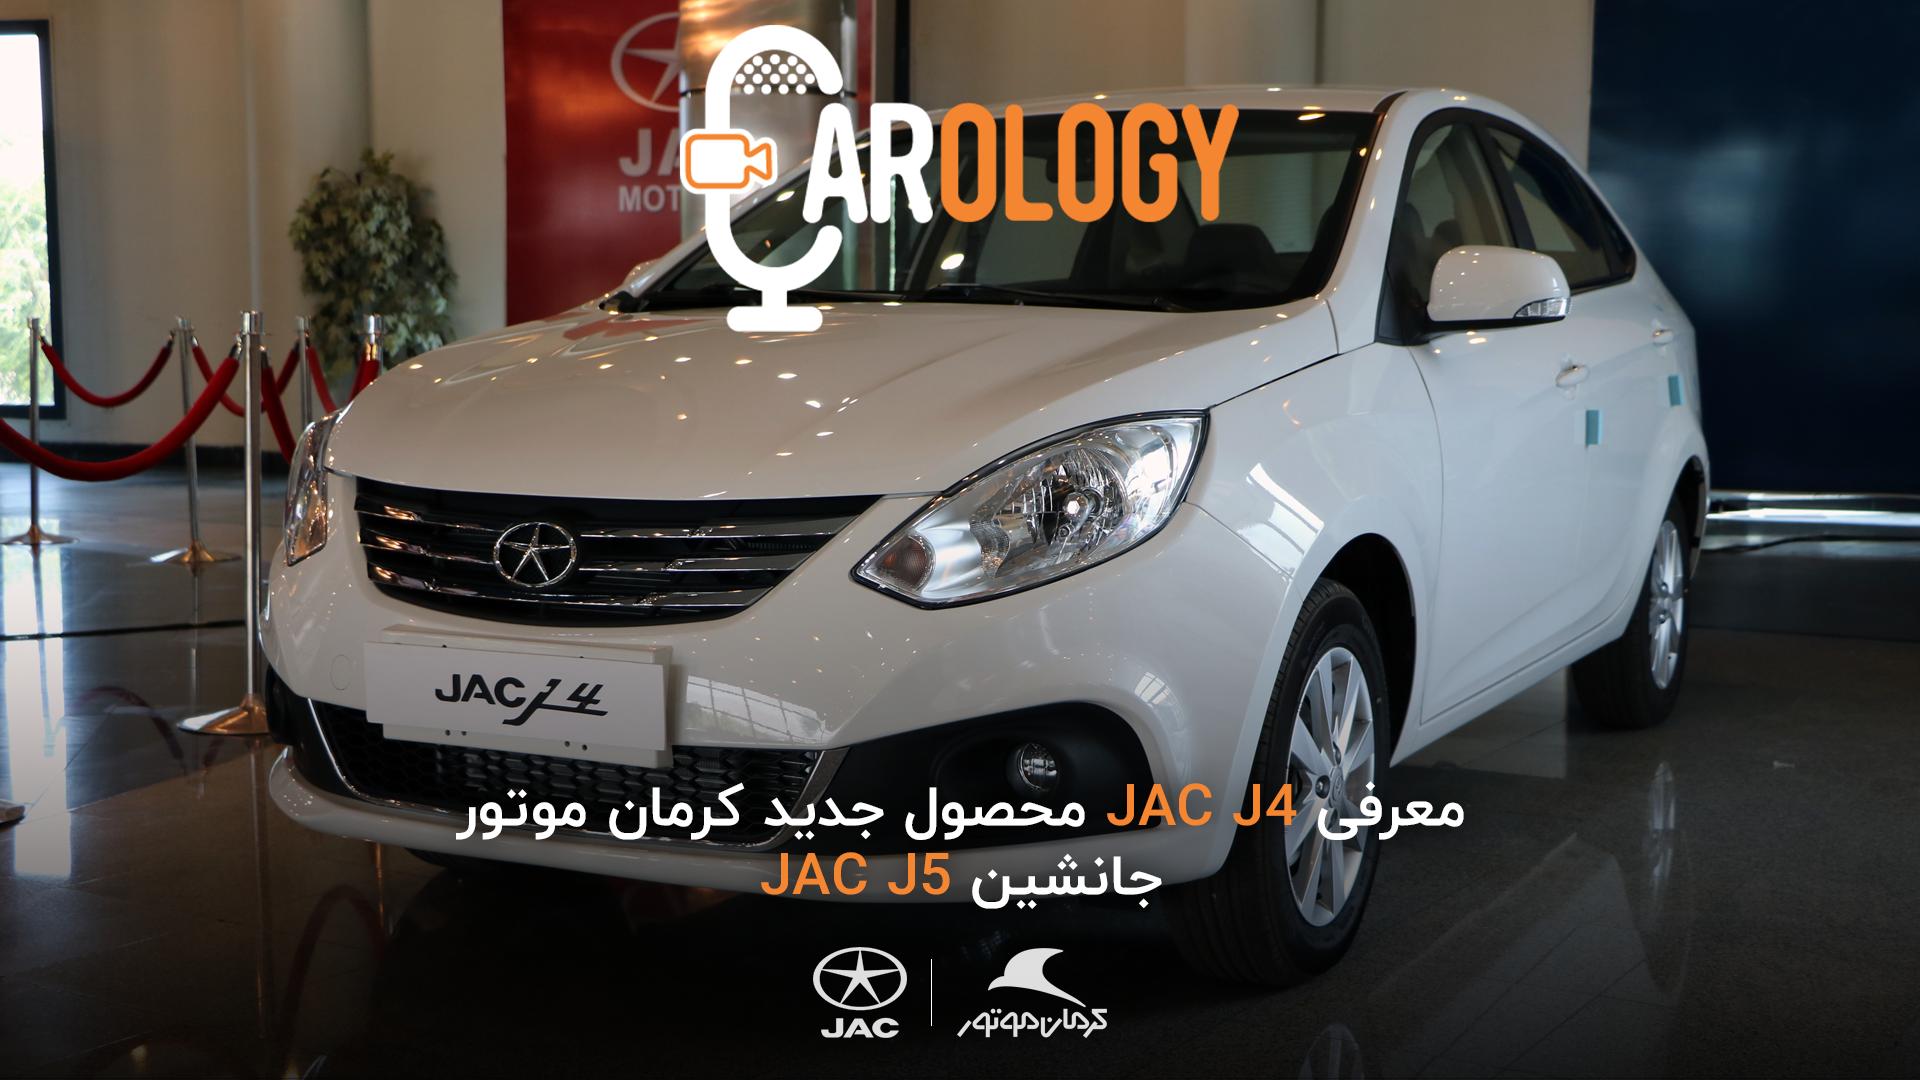 کارولوژی (6): معرفی جک جی 4 (j4) ، سدان چینی جدید کرمان موتور